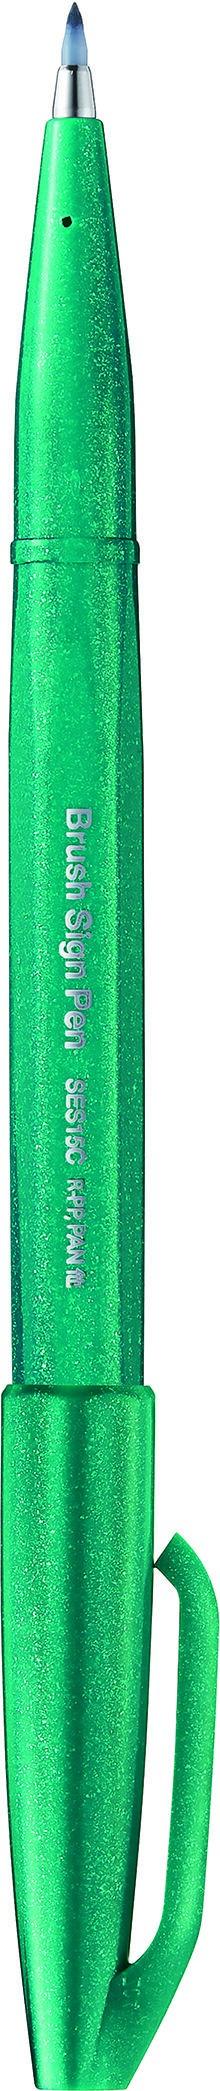 Pentel Sign pen - Feutre pinceau à pointe souple - vert turquoise